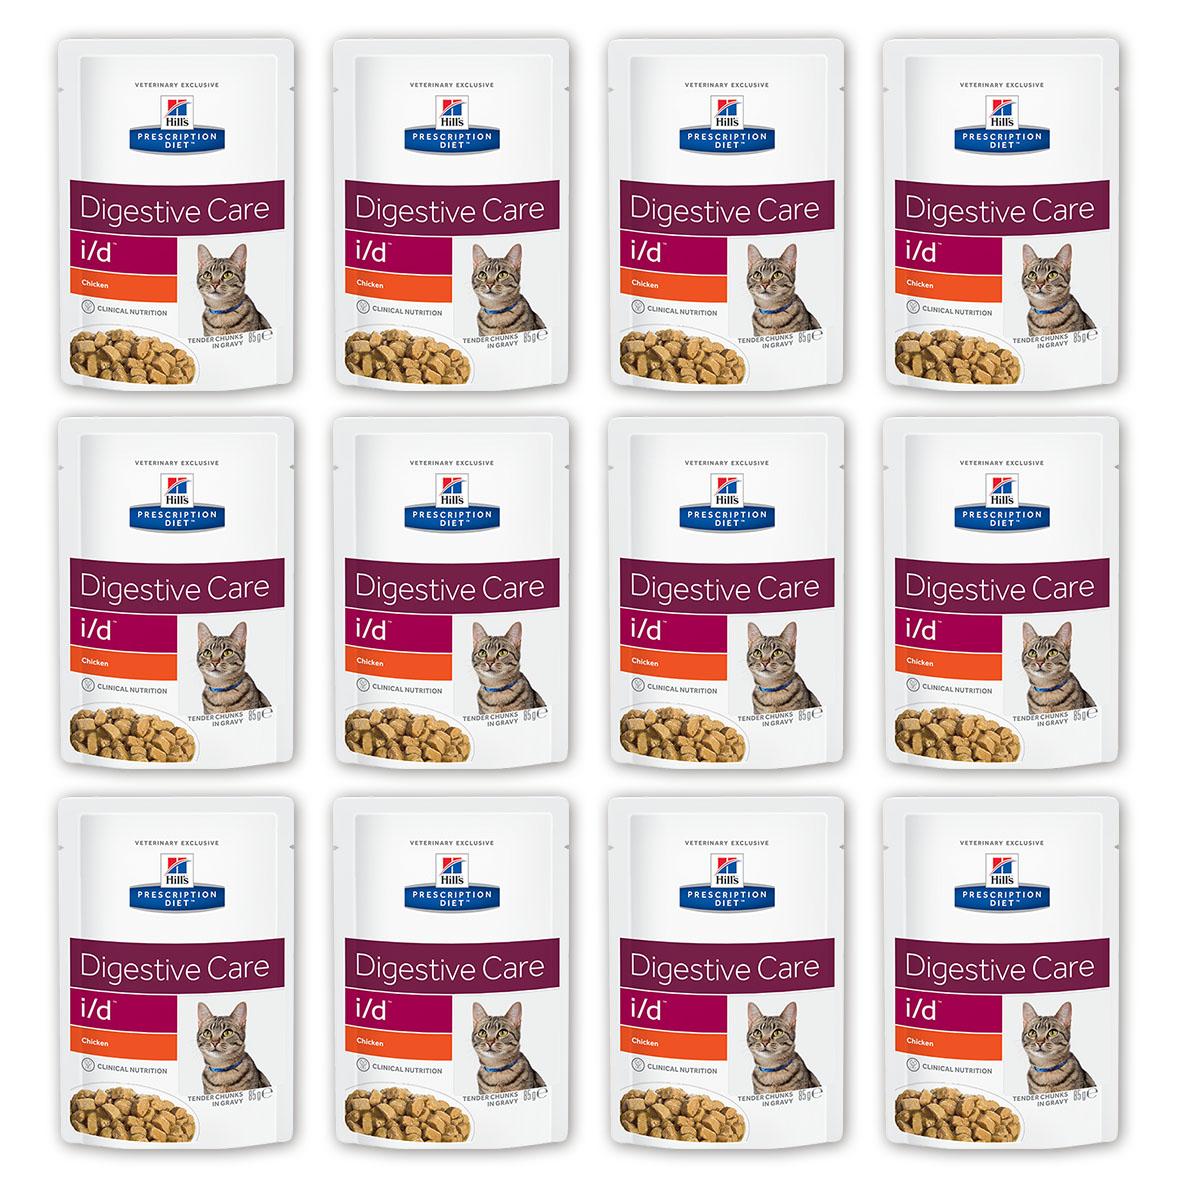 Консервы Hills Prescription Diet. I/D для кошек с заболеваниями ЖКТ, с курицей, 85 г, 12 шт3407_12Консервы Hills Prescription Diet. I/D рекомендуются:- При заболеваниях желудочно-кишечного тракта: гастрите, энтерите, колите (наиболее распространенные причины диареи). - Для восстановления после хирургической операции на желудочно-кишечном тракте. - При недостаточности экзокринной функции поджелудочной железы. - При панкреатите без гиперлипидемии. - Для восстановления после легких хирургических процедур и состояний, незначительно ослабляющих организм. - Для котят в качестве повседневного питания. Обеспечивает полноценное сбалансированное питание котятам (в течение короткого периода) и взрослым кошкам. Не рекомендуется кошкам с задержкой натрия в организме.Ключевые преимущества: - Высокая перевариваемость продукта улучшает всасывание нутриентов и способствует восстановлению желудочно-кишечного тракта. - Содержание жиров снижено, что помогает уменьшить стеаторею (маслянистый стул). - Повышенное содержание растворимой клетчатки обеспечивает поступление короткоцепочных жирных кислот, которые питают энтероциты и восстанавливают кишечную микрофлору. - Повышено содержание электролитов, витаминов группы B, что восполняет потерю этих нутриентов при рвоте и диарее. - Добавлена антиоксидантная формула, которая нейтрализует действие свободных радикалов, участвующих в развитии гастроэнтерита. Ингредиенты: курица (27%), свинина, крахмал тапиоки, лосось, пшеничная мука, концентрат растительного протеина, маисовый крахмал, глюкоза, целлюлоза, кальция фосфат, протеиновая мука, дрожжи, калия хлорид, подсолнечное масло, микроэлементы, витамины, карамель и окись магния.Среднее содержание нутриентов в рационе: протеин 8,3%, жиры 4,4%, углеводы (БЭВ) 6,4%, клетчатка (общая) 0,6%, влага 78,6%, кальций 0,23%, фосфор 0,18%, натрий 0,09%, калий 0,24%, магний 0,02%, Омега-3 жирные кислоты 0,12%, Омега-6 жирные кислоты 0,77%, таурин 613 мг/кг, Витамин A 16 900 МЕ/кг, Витамин D 260 МЕ/кг, Витамин